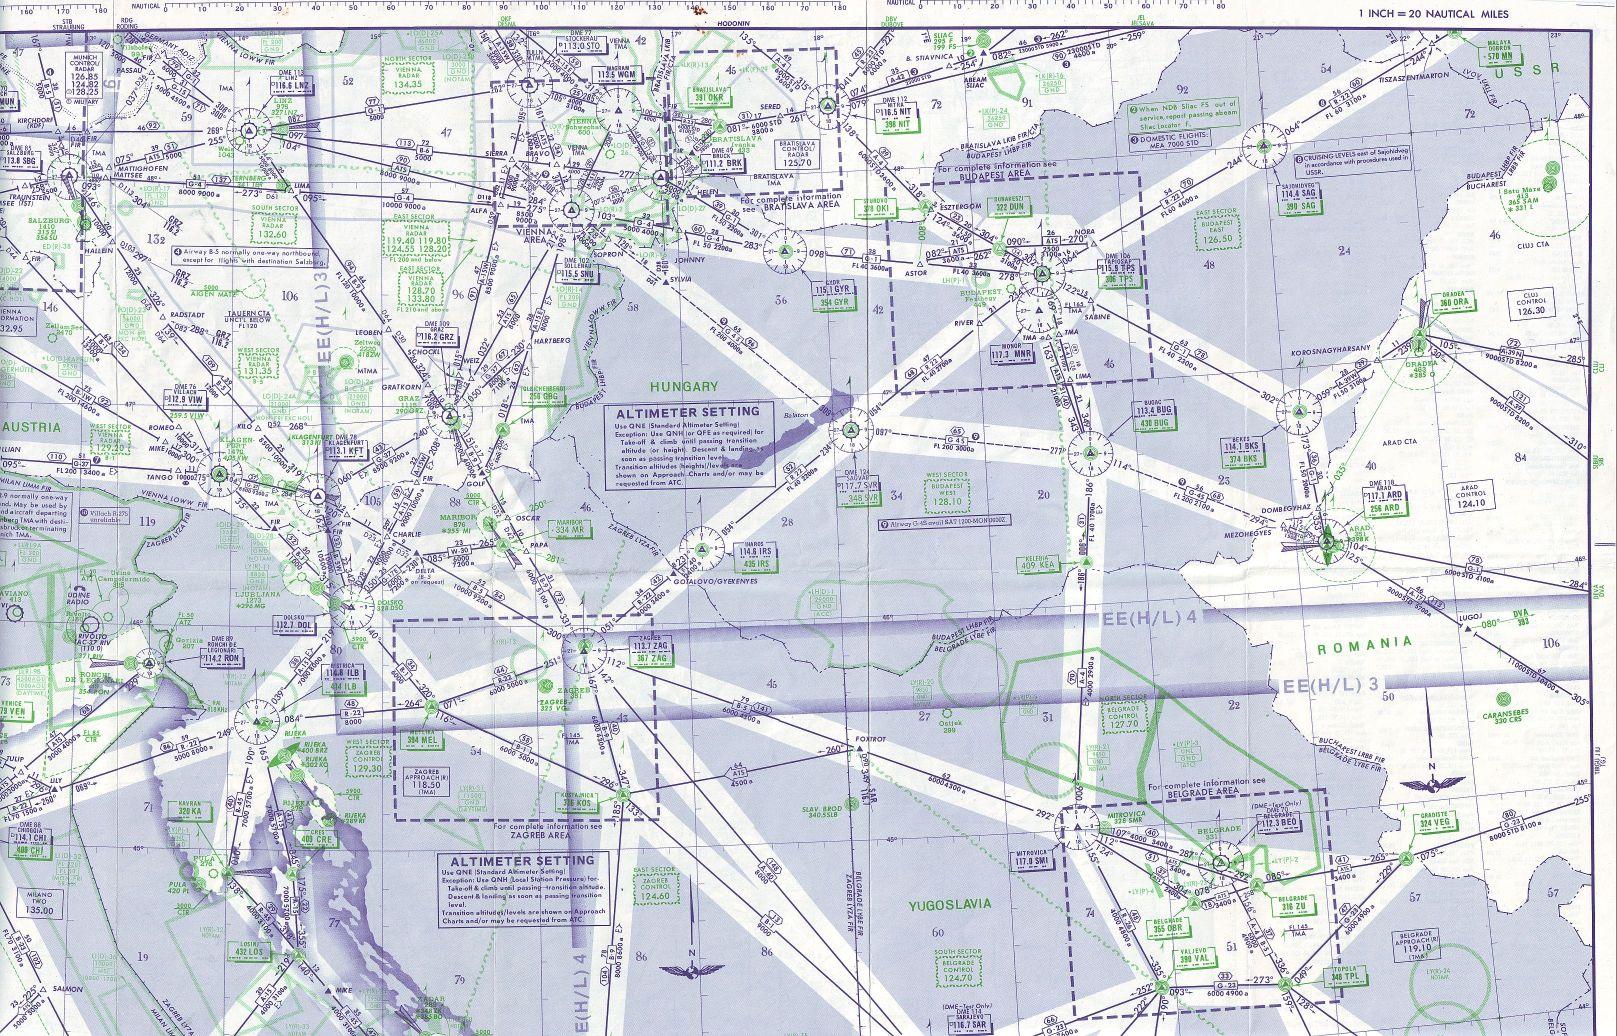 magyarország légifolyosói térkép IHO   Blog   A Pajtás, és a titkos térkép a függöny mögött magyarország légifolyosói térkép